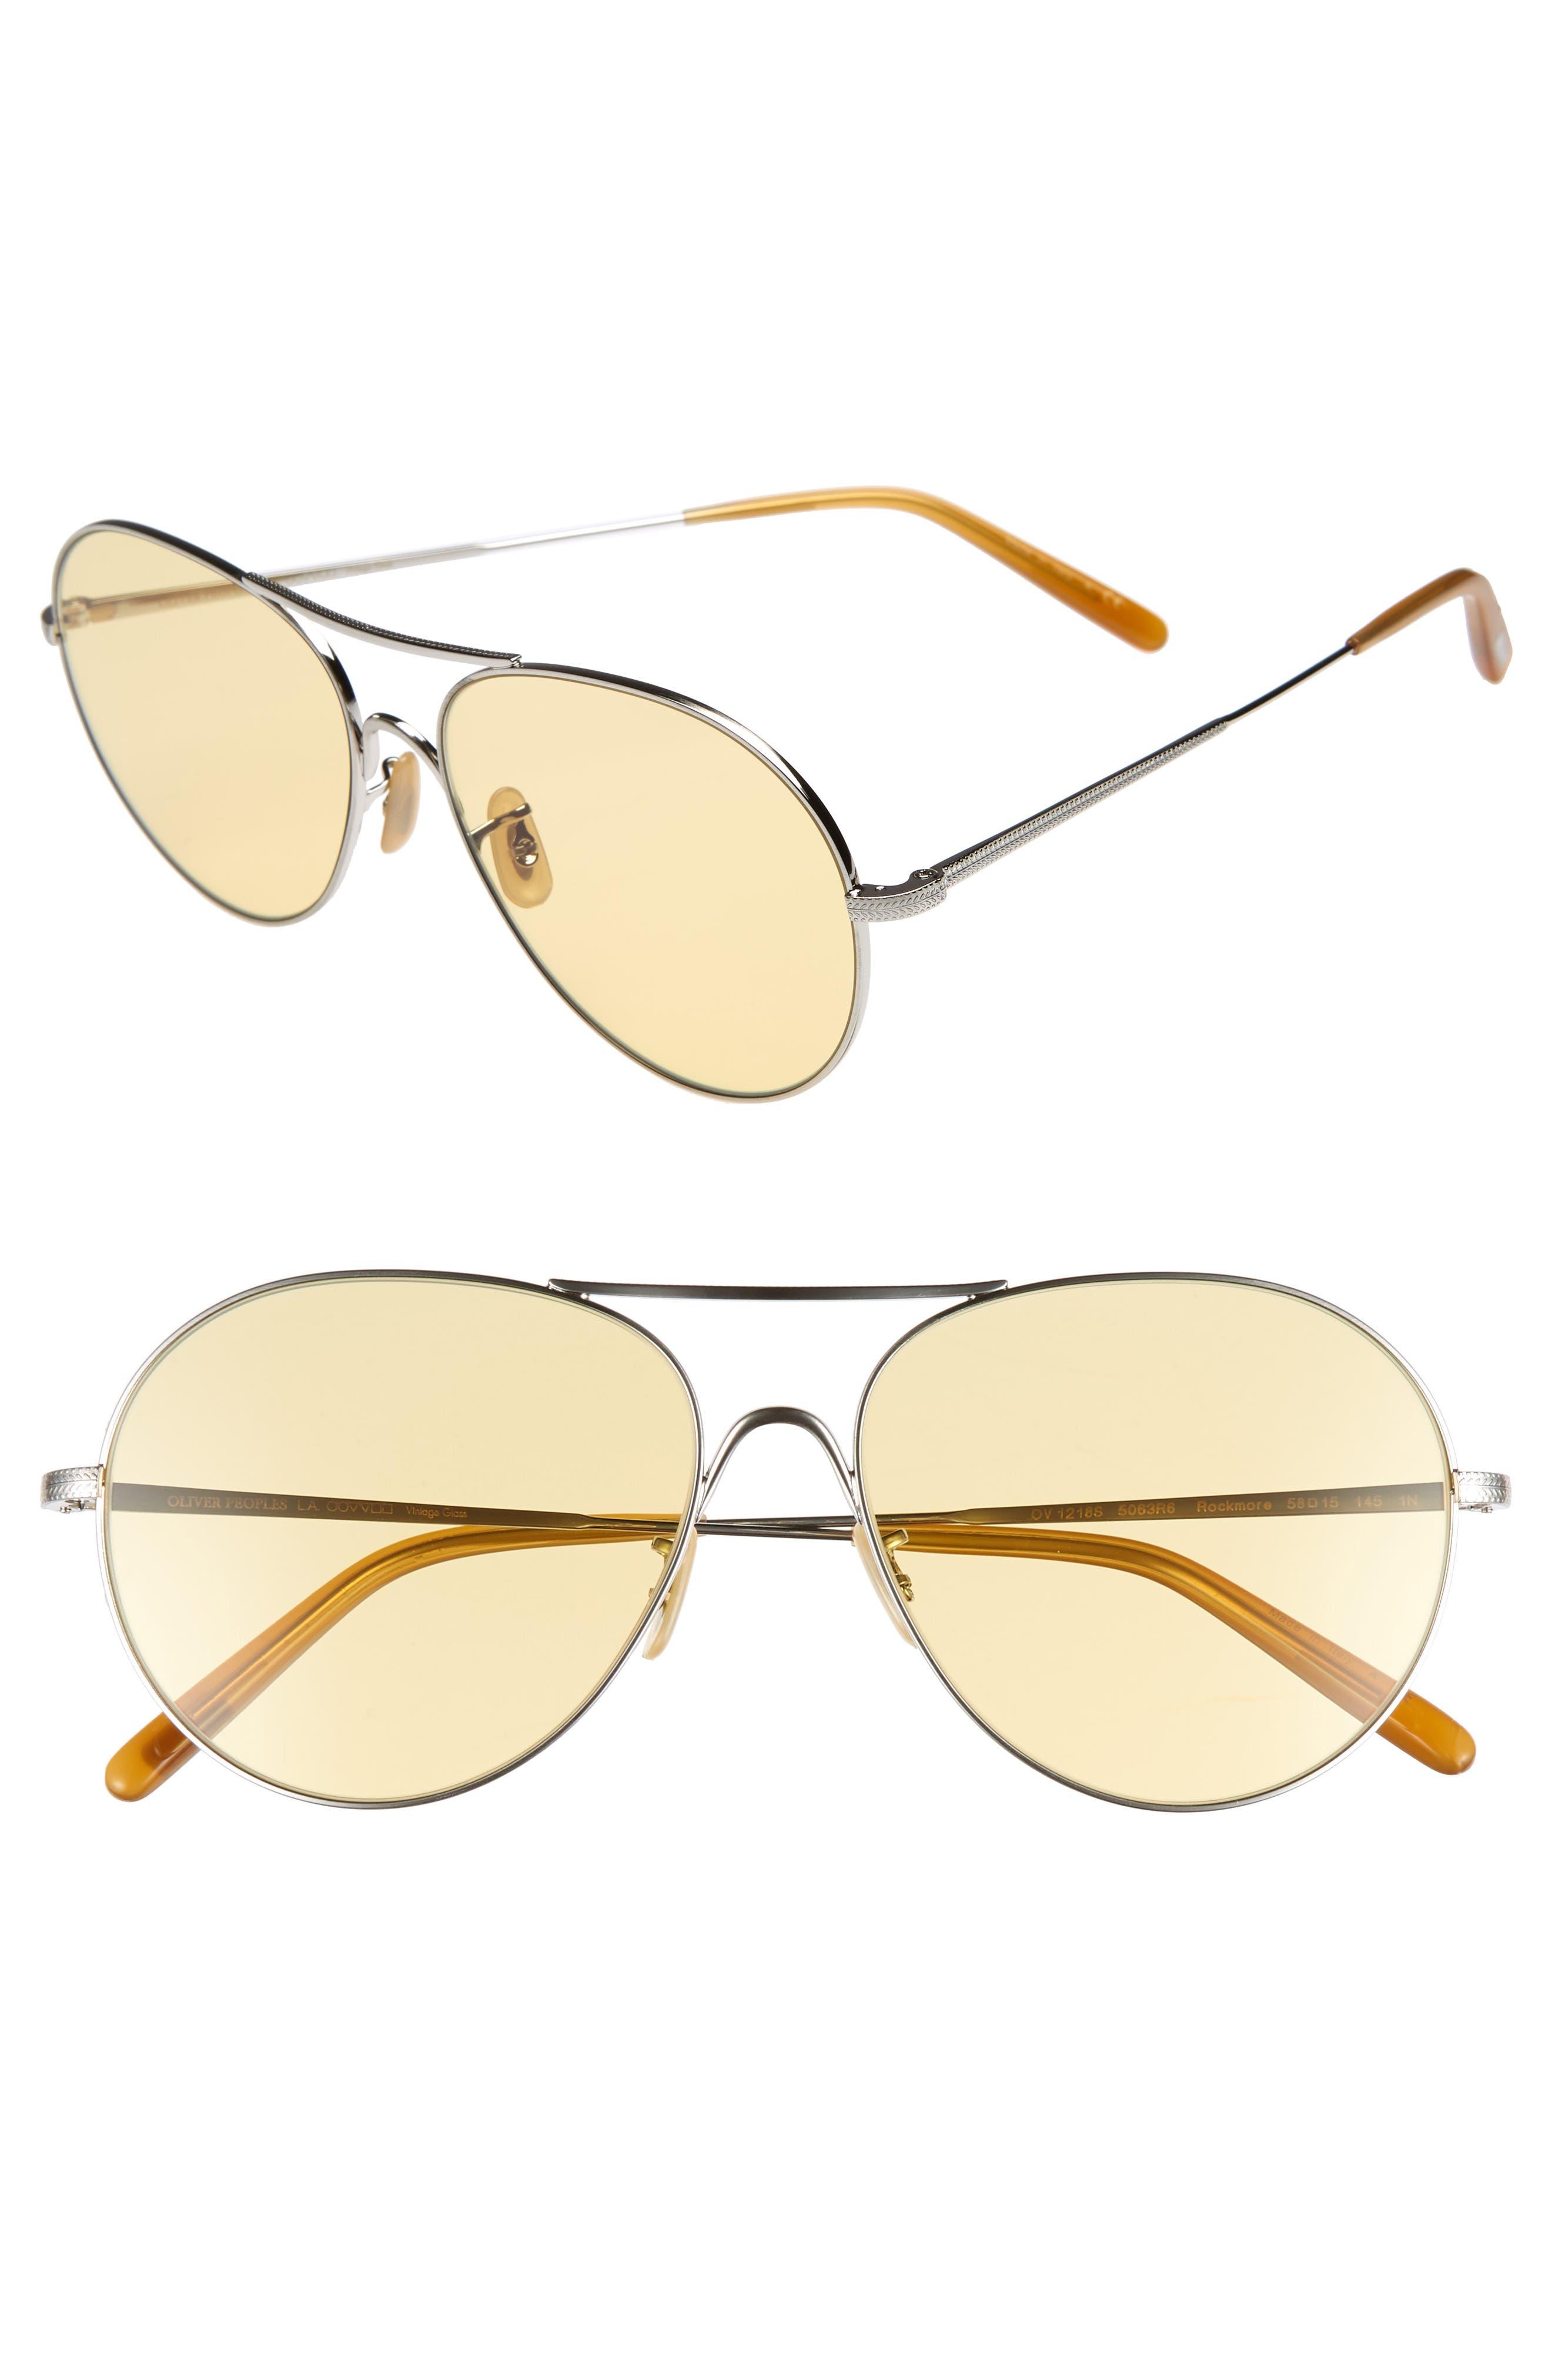 Rockmore 58mm Aviator Sunglasses,                         Main,                         color, SILVER